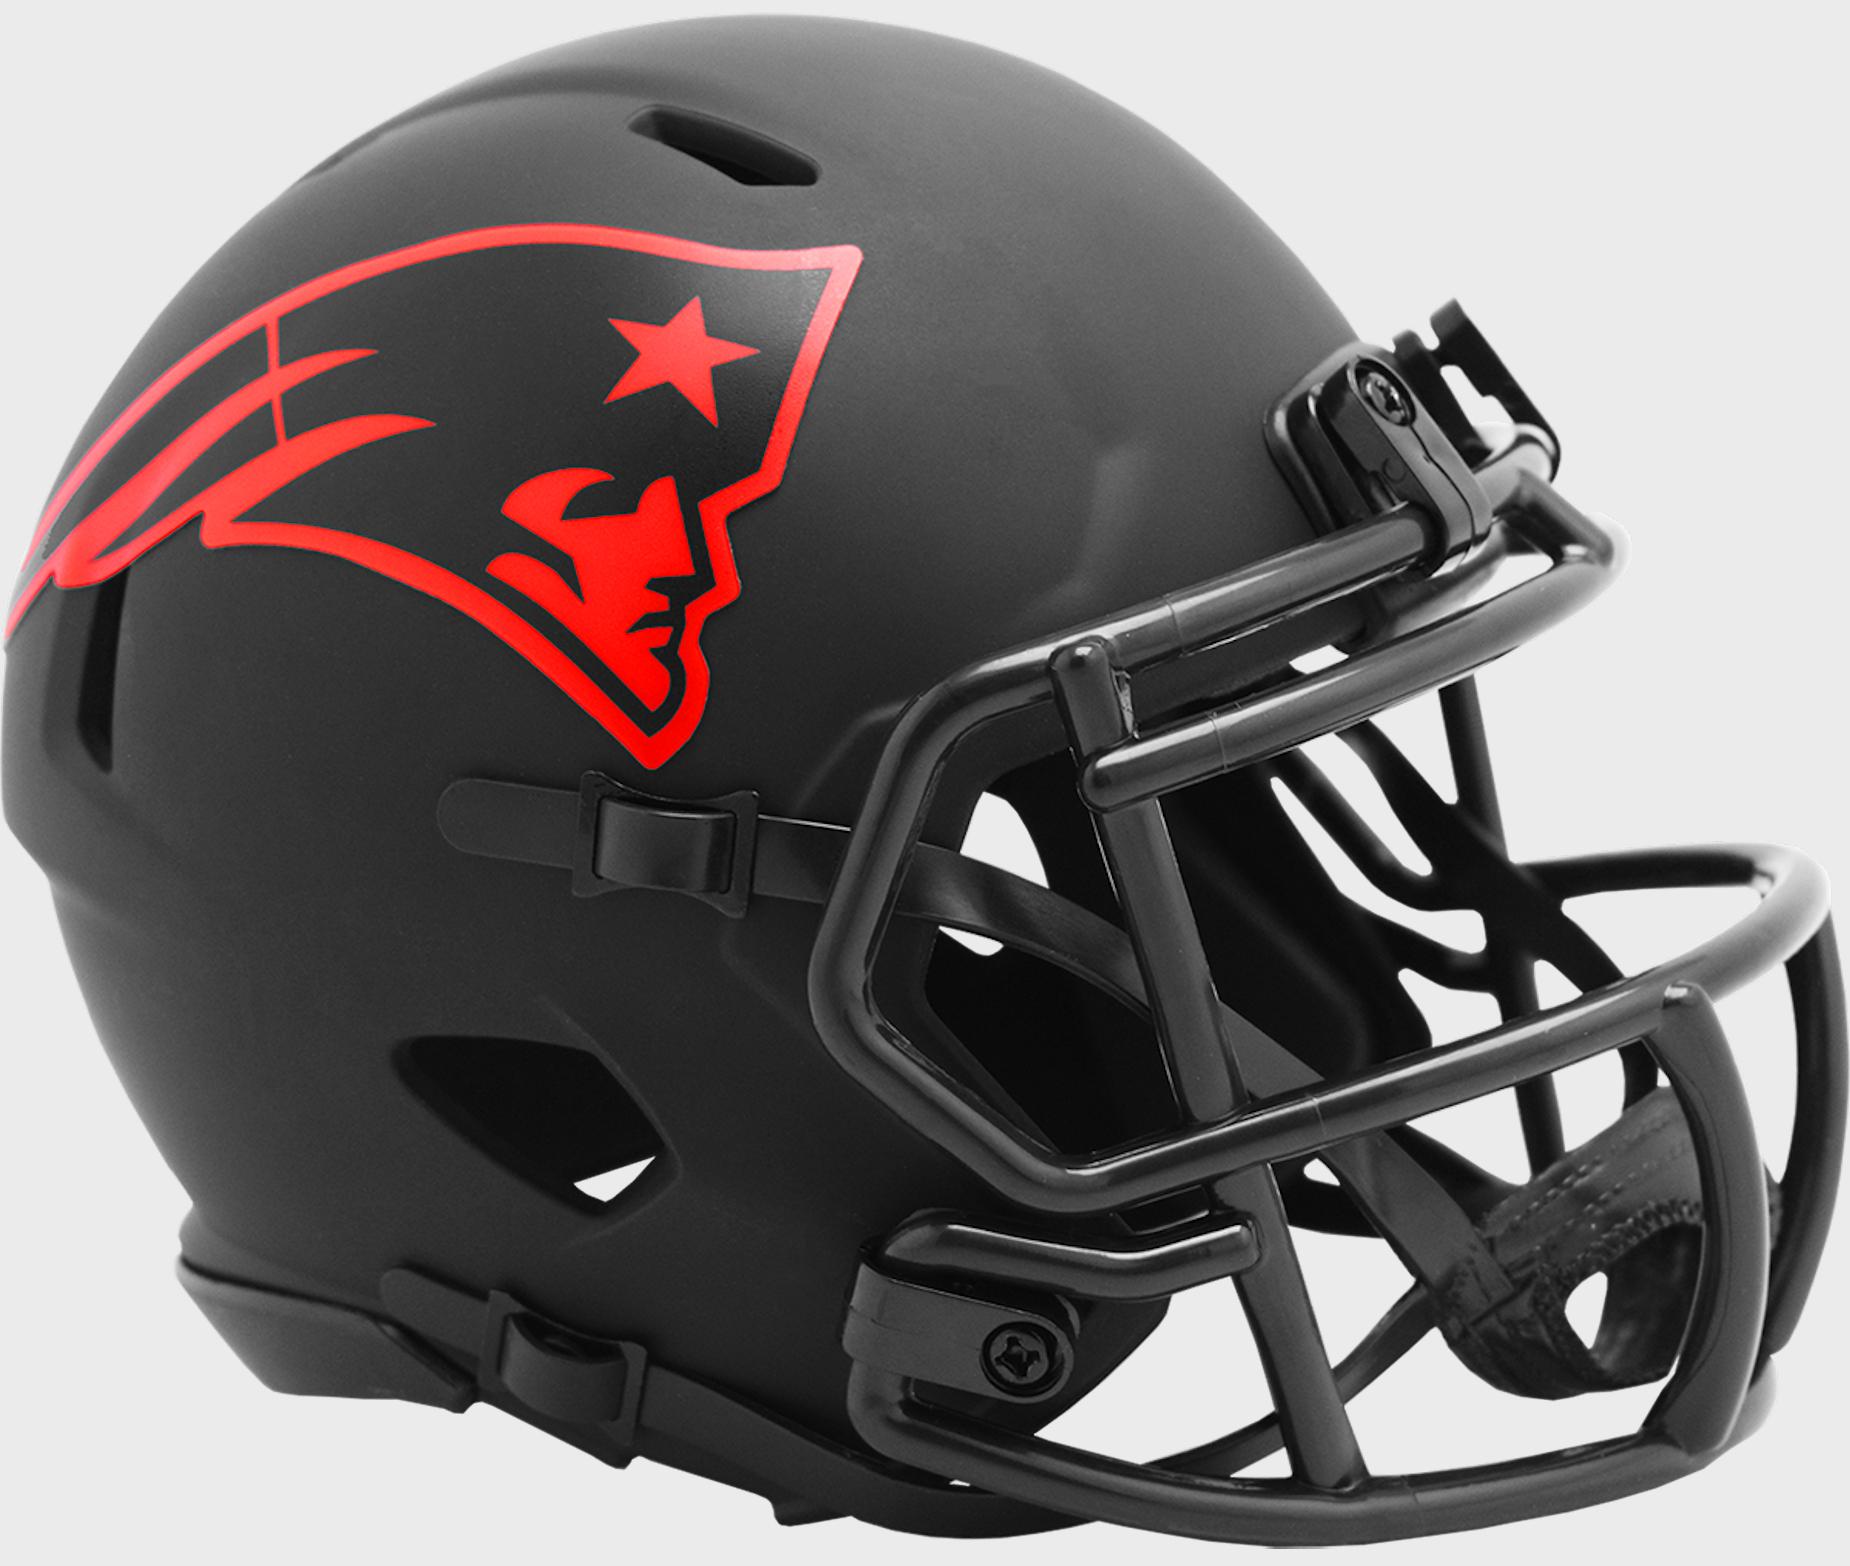 New England Patriots NFL Mini Speed Football Helmet <B>ECLIPSE</B>